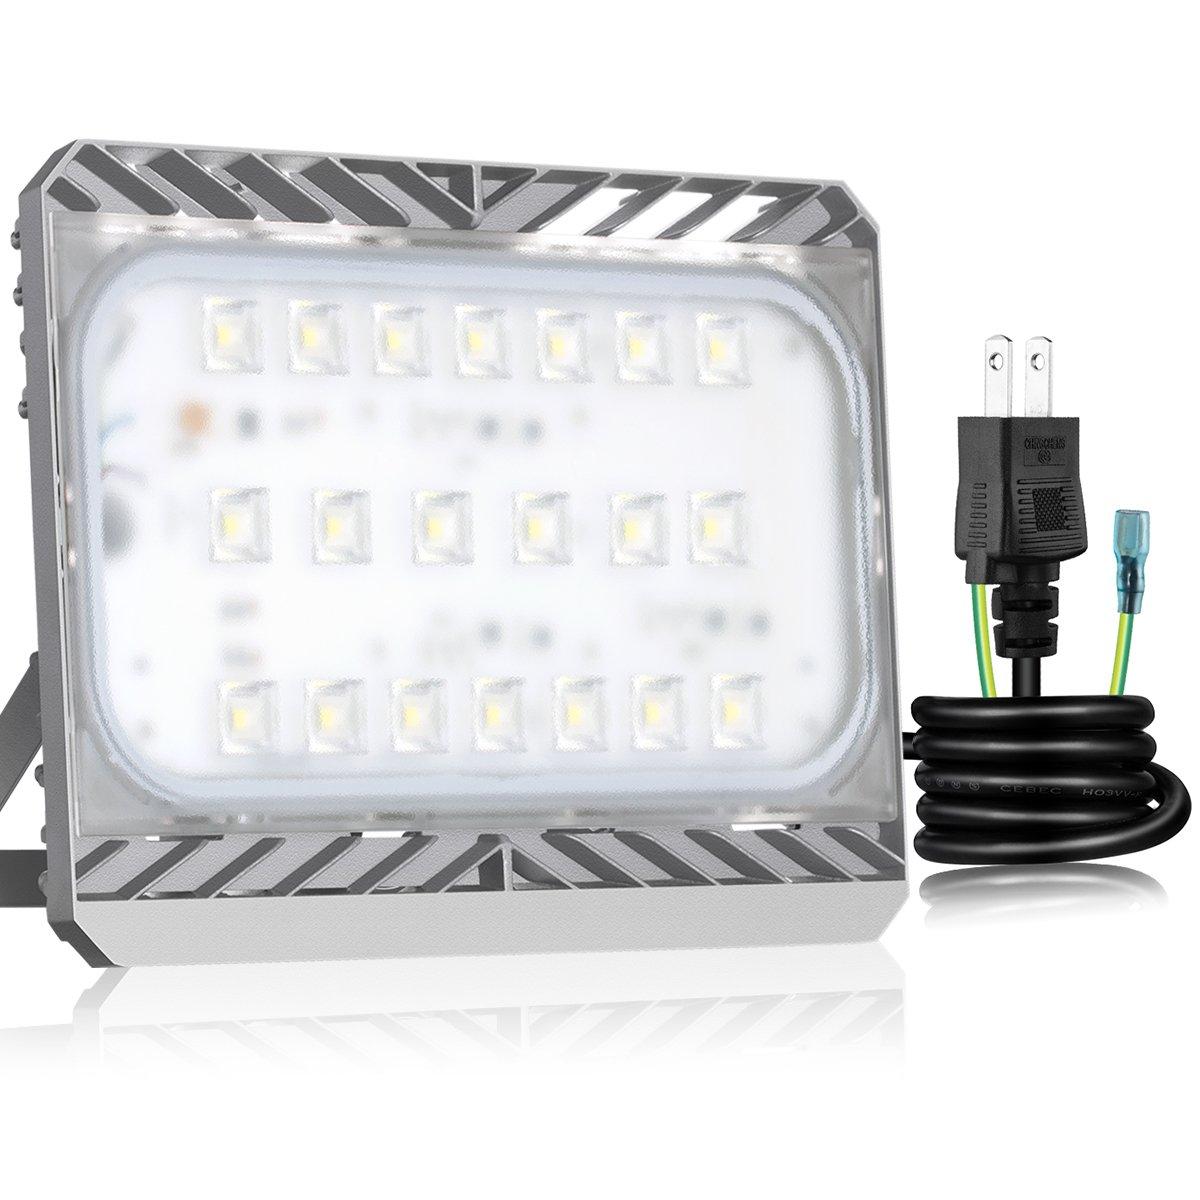 【三年保証】SOLLA Sliver 高品質LED投光器 100w 6000K 昼白色 CREE製素子 日本レベル筐体 IP65防水防塵 長寿命広角フラッドライト 作業灯 B01N4EQZ4A 100w|昼白(6000K) 昼白(6000K) 100w